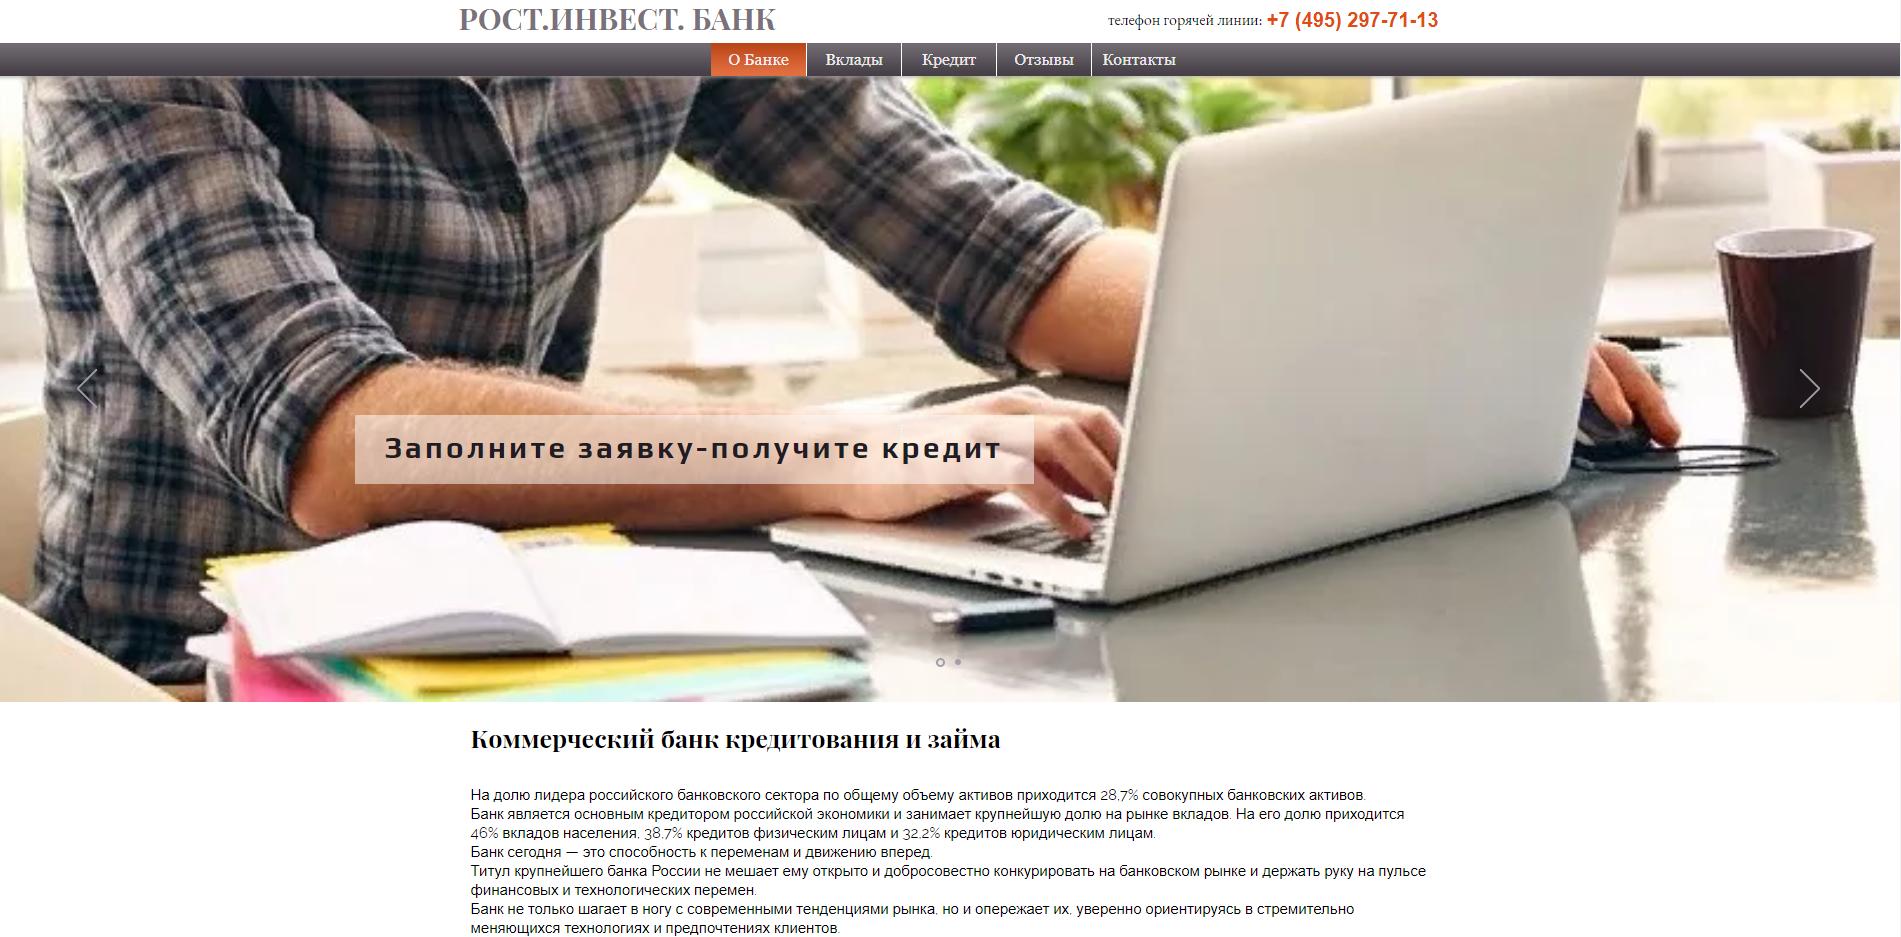 инвест кредит банк официальный сайт кредит для физических лиц по срокам